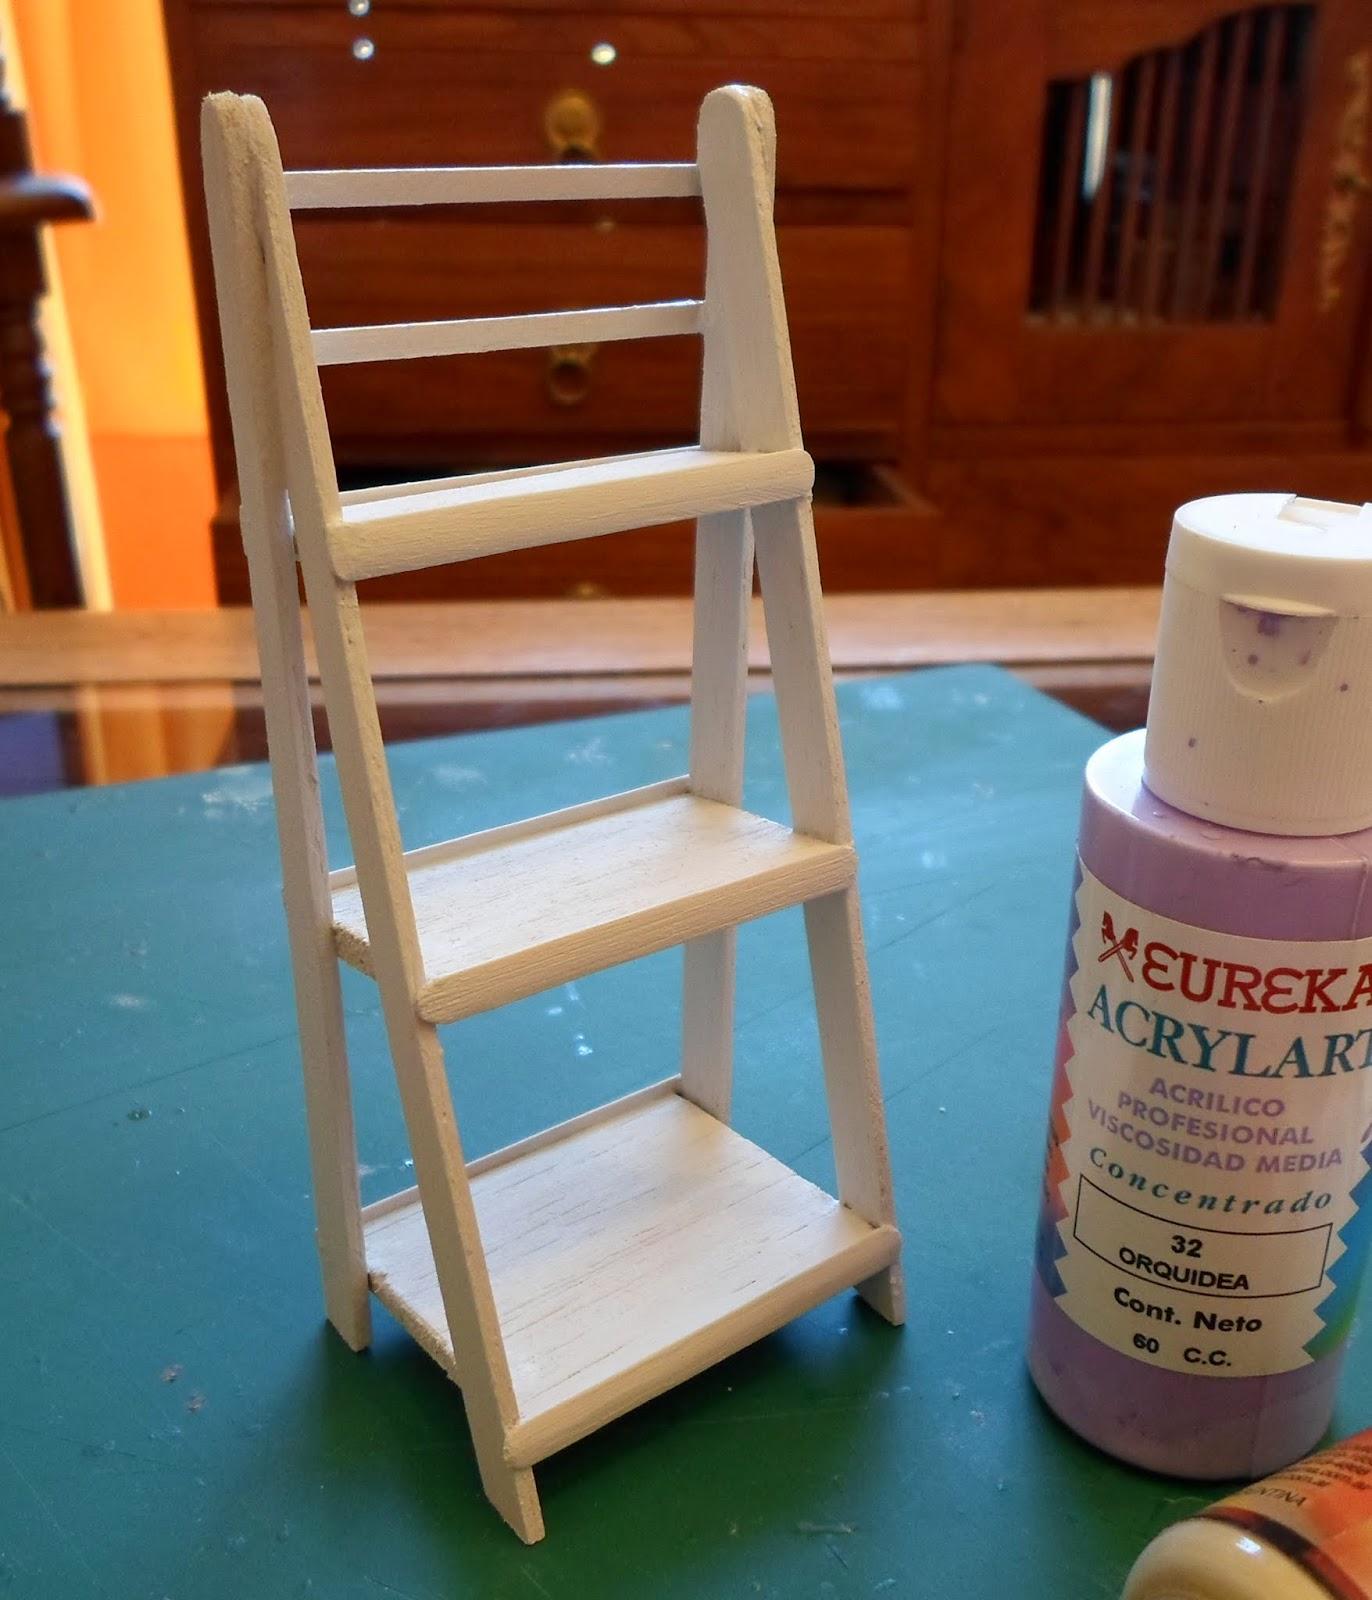 Las margaritas escalera estante de madera para mis for Escaleras de adorno